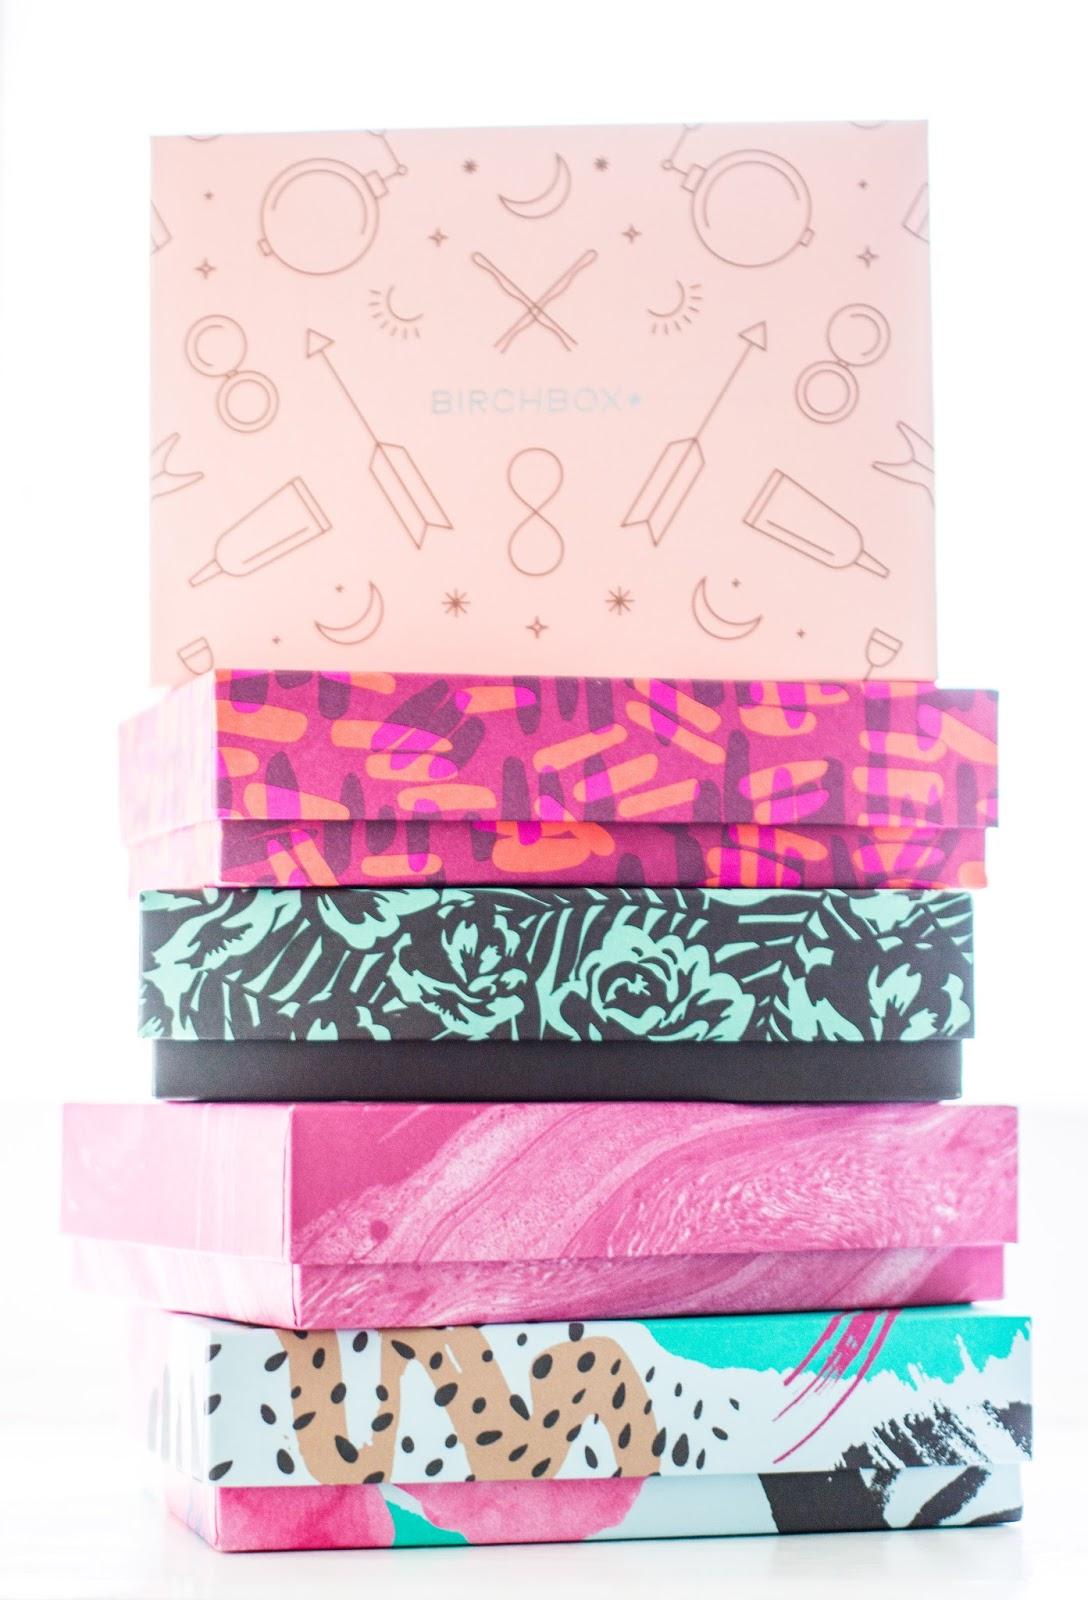 Birchbox Beauty Favorites